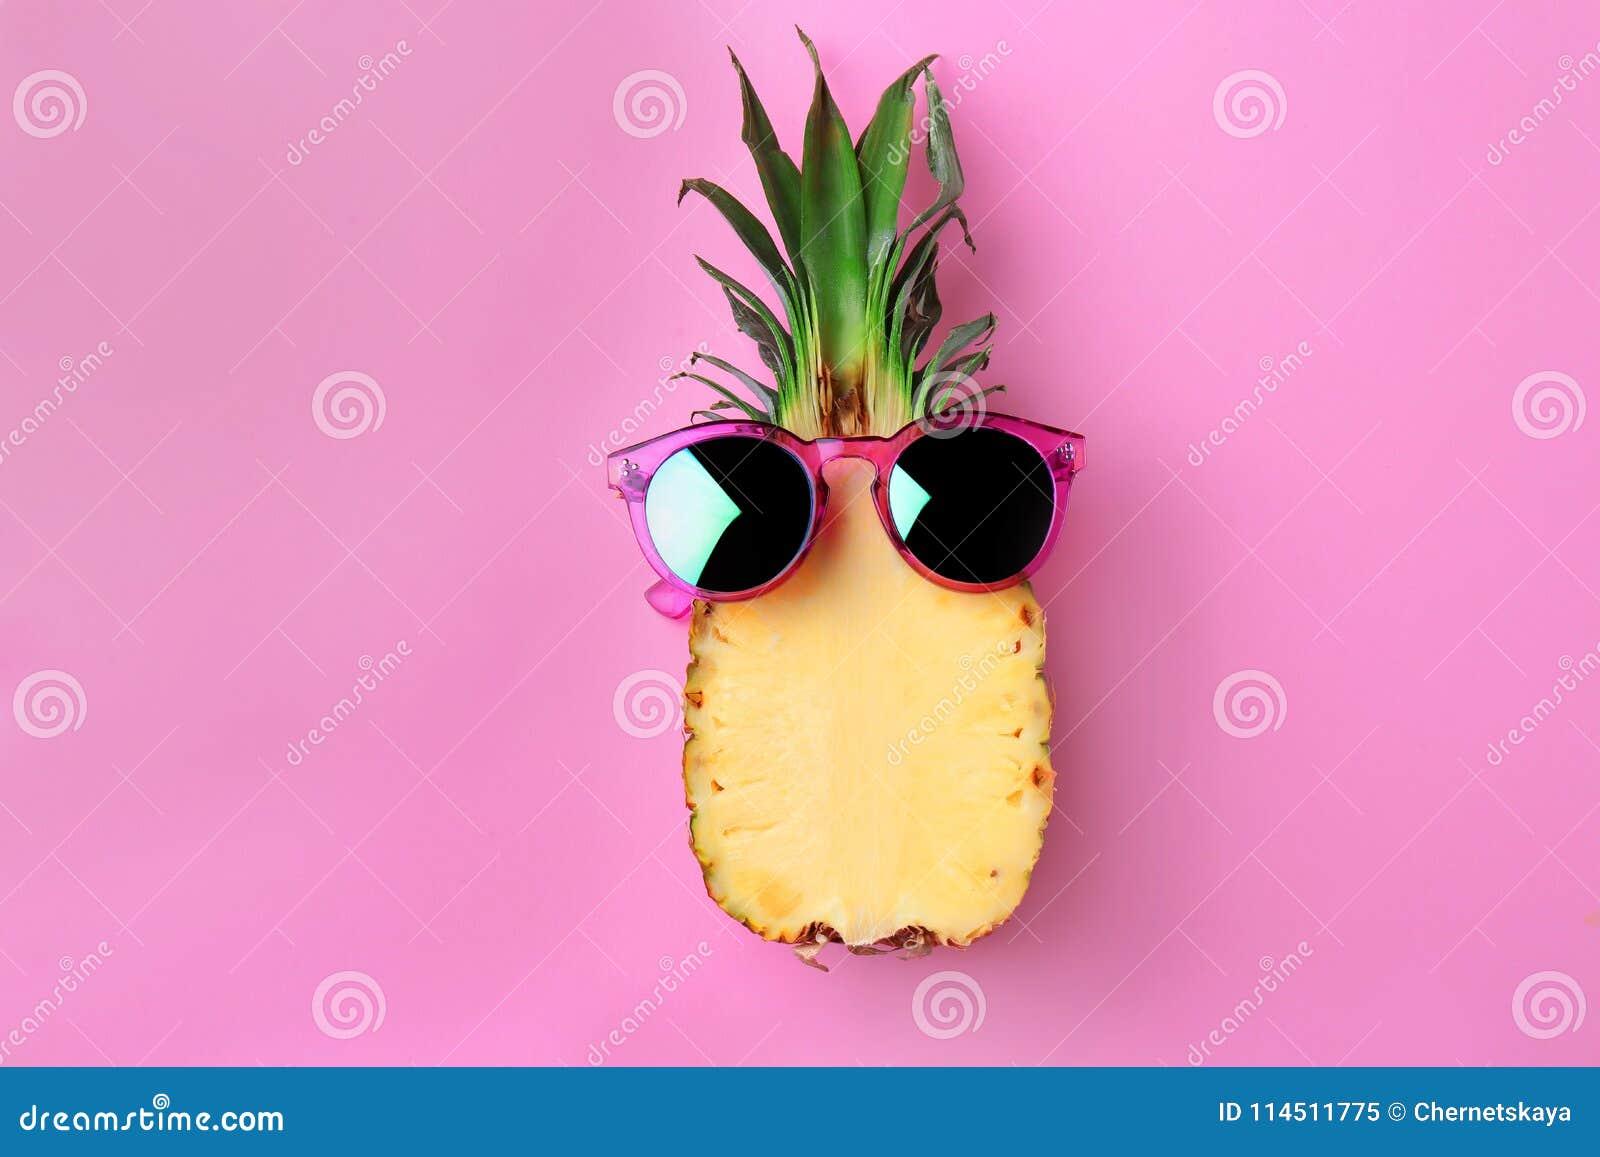 Piña divertida con las gafas de sol